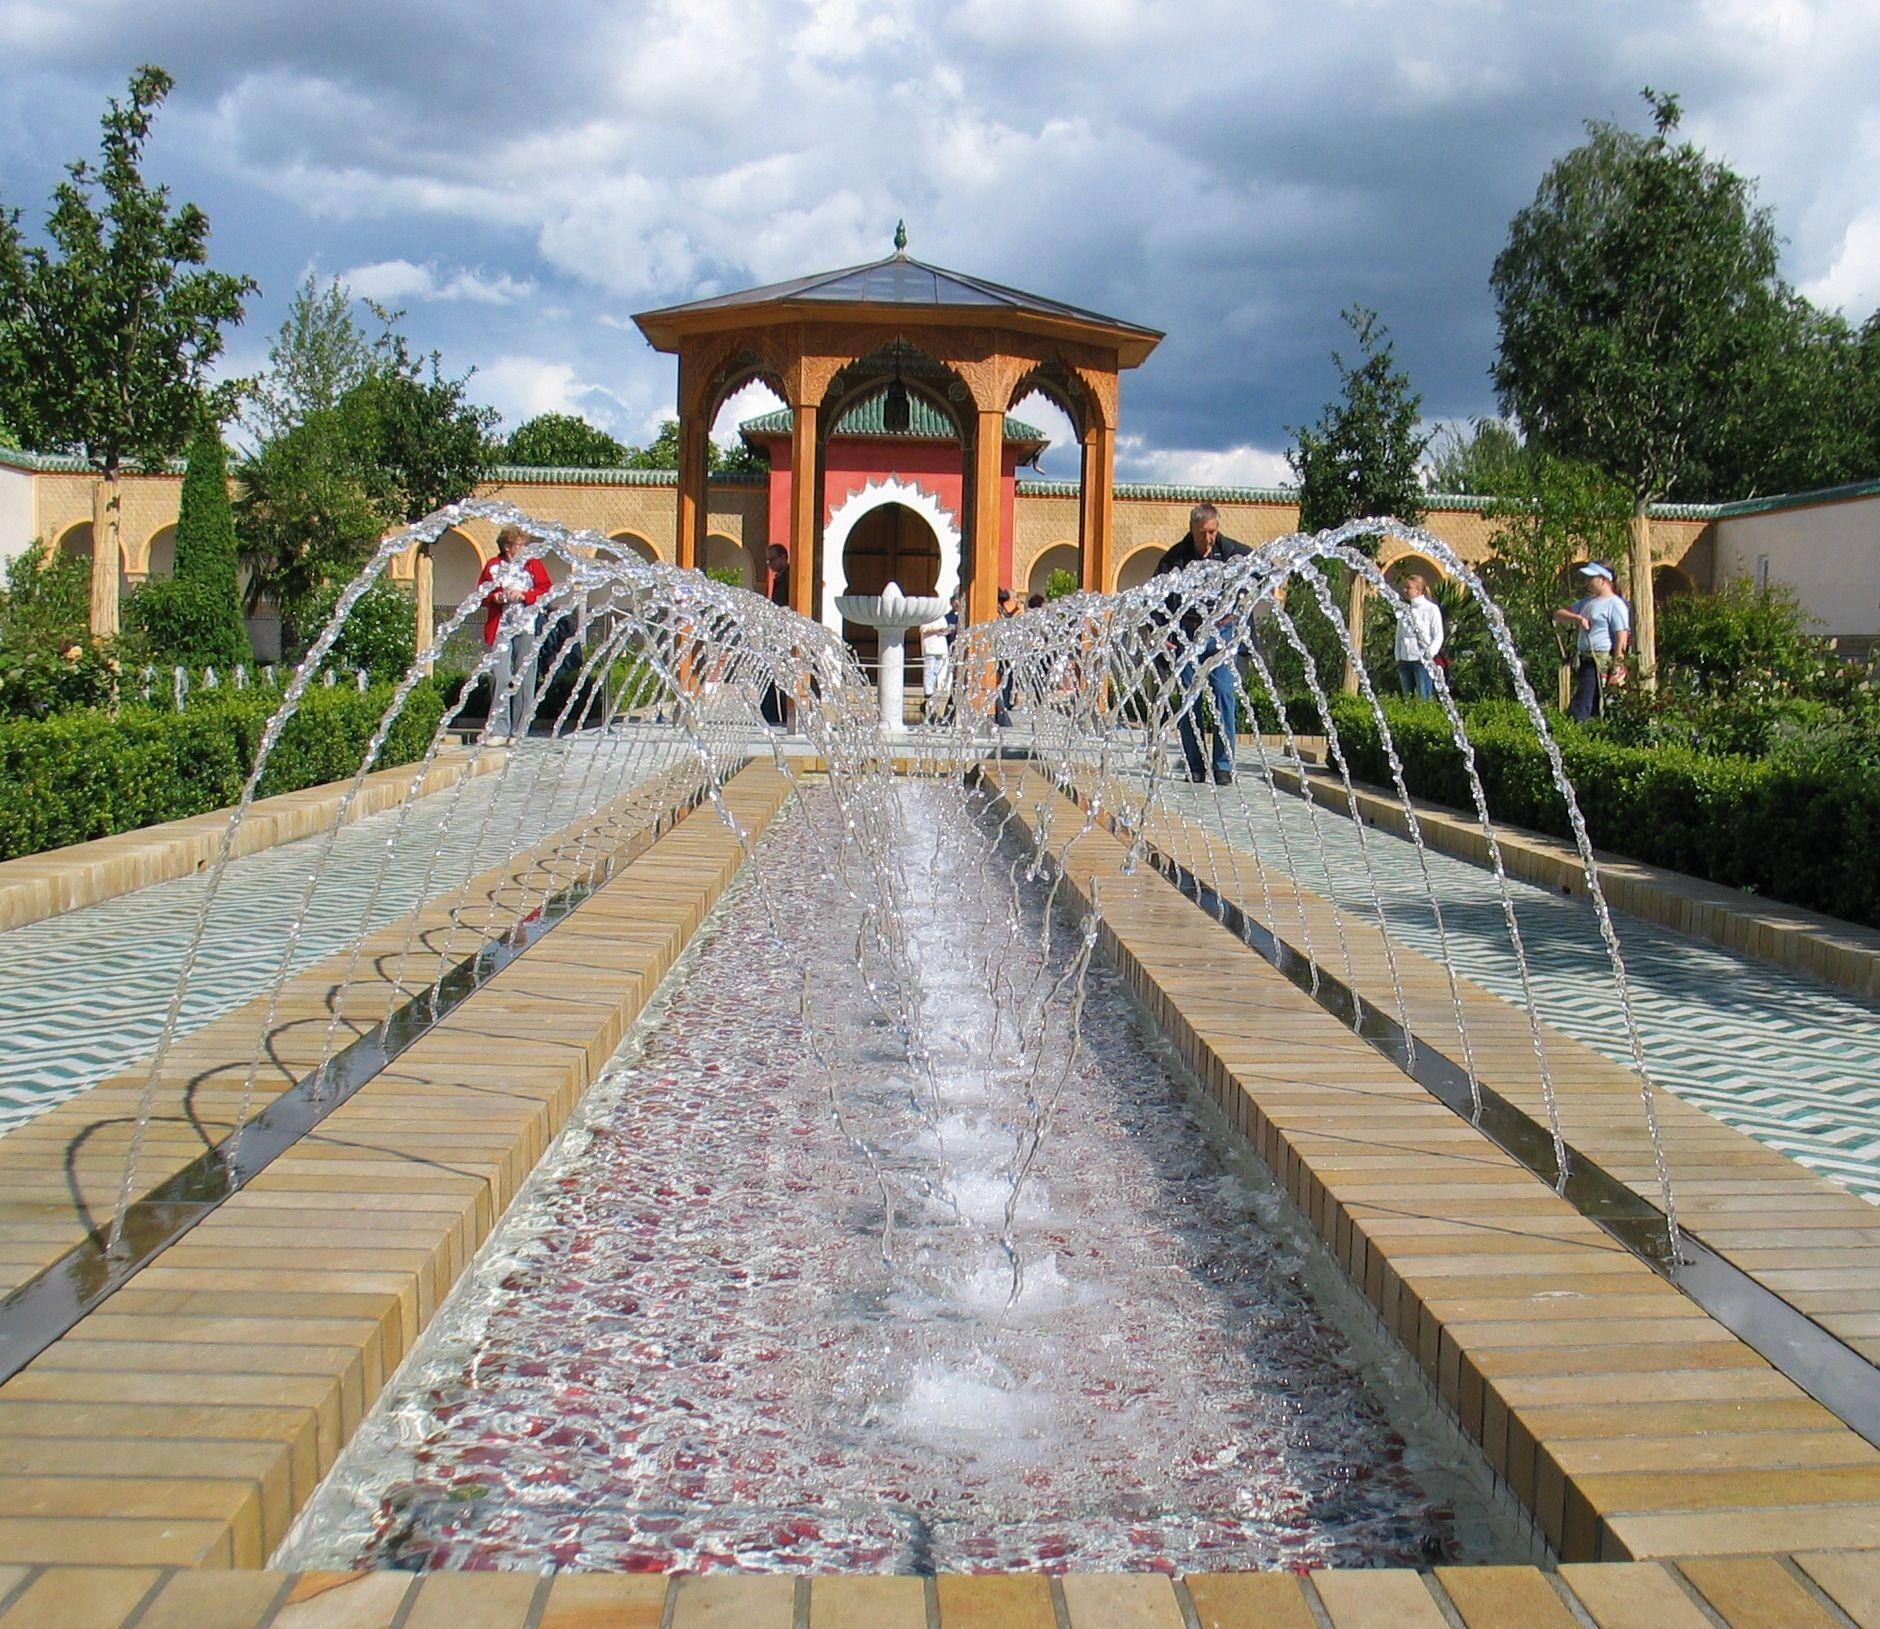 Der Gardens Garten Garten Der Welt Welt World Gardens Of The World Garten Der Welt Gardens Of The World Contemporary Garden Design World